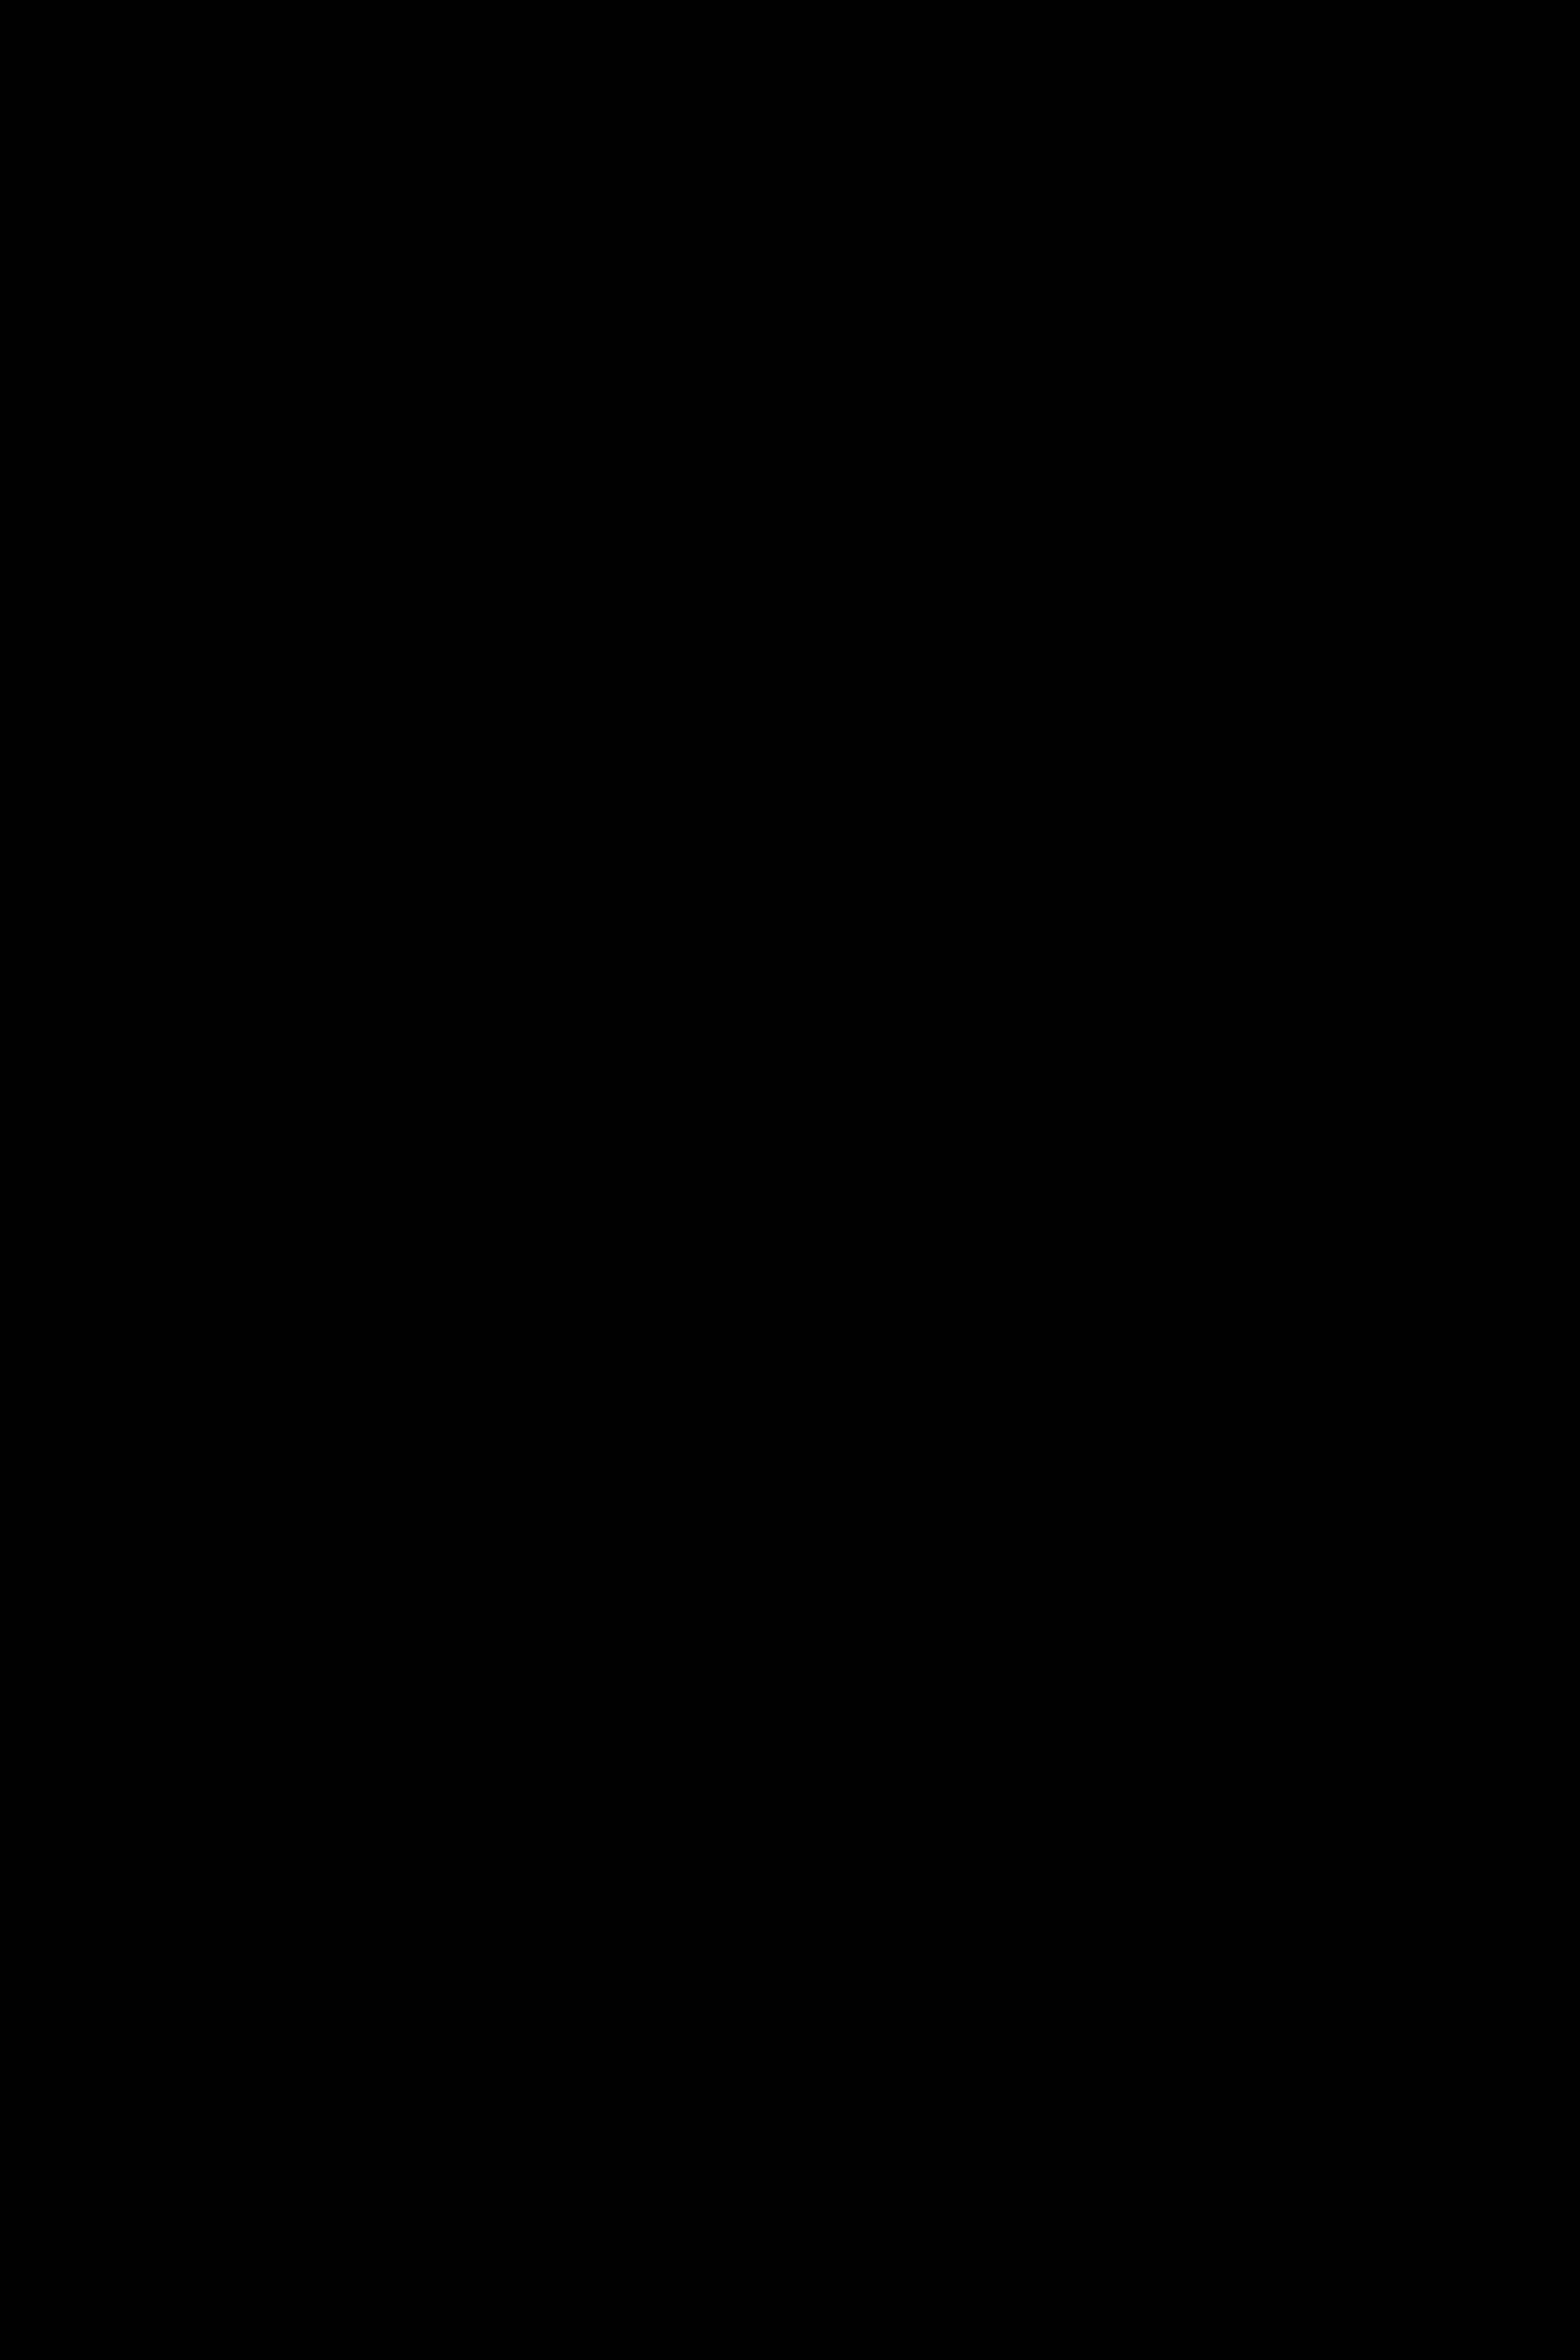 Wedding Dresses & Bridal Gowns United Kingdom